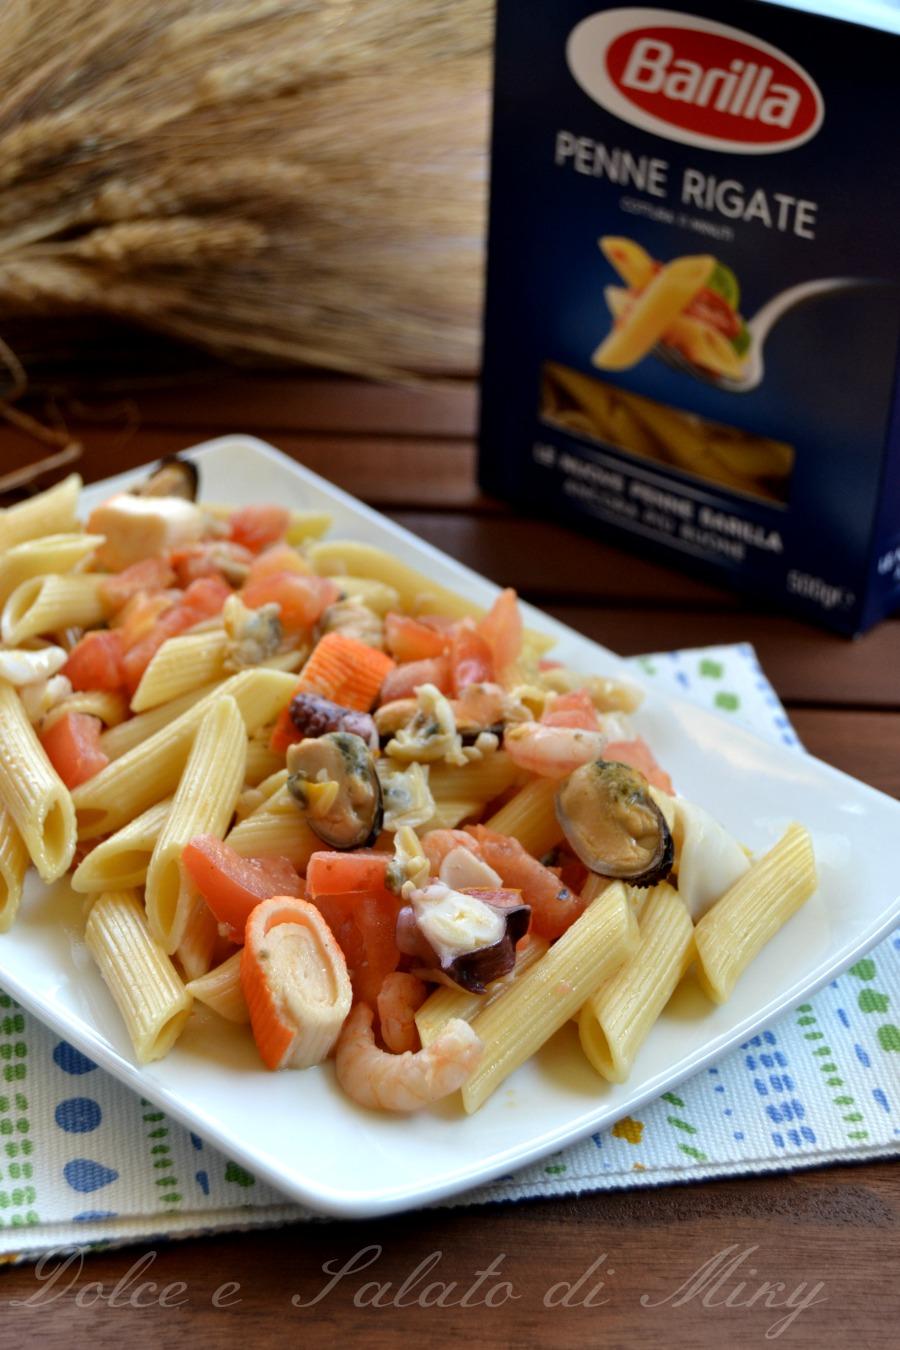 ricetta penne fredde ai frutti di mare| Dolce e Salato di Miky